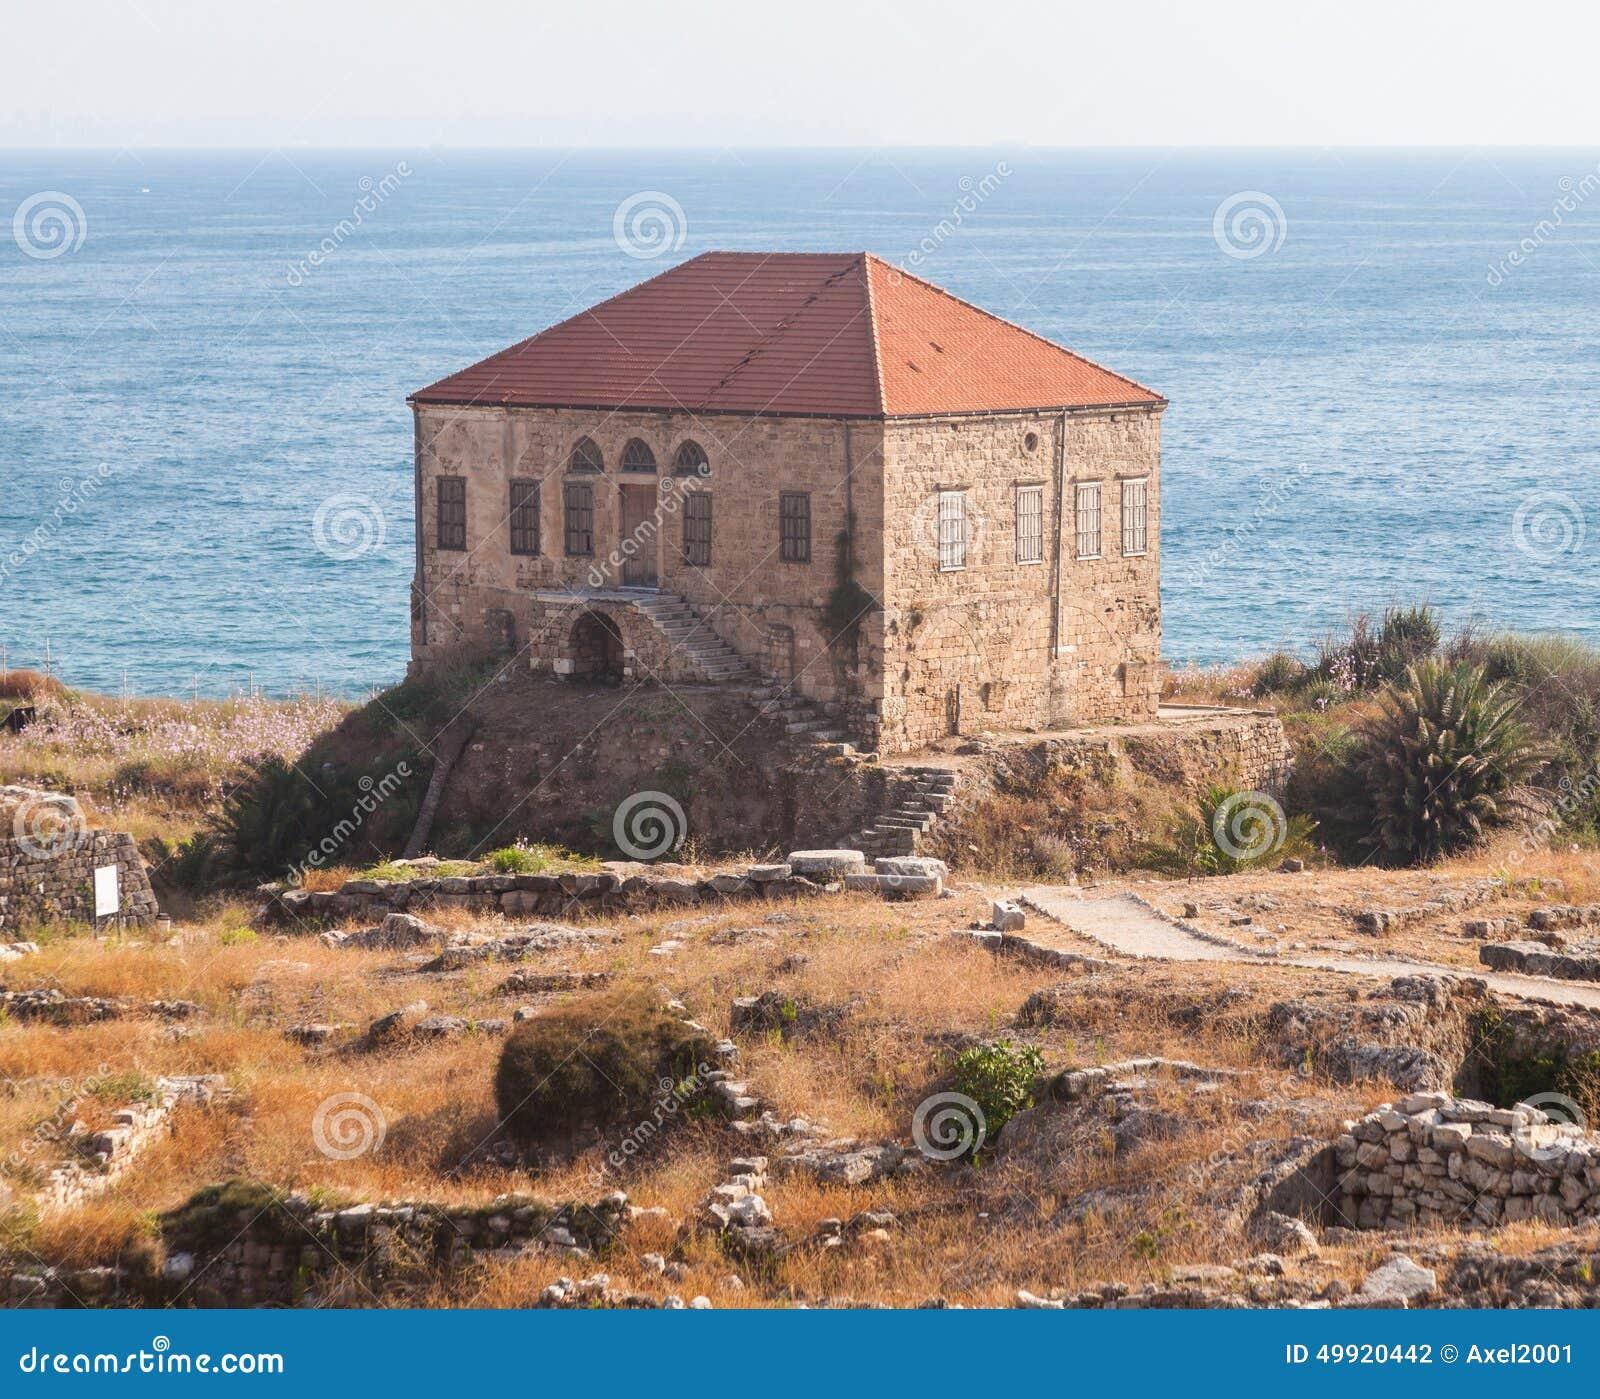 Maison libanaise traditionnelle au dessus de la mer for Architecture maison traditionnelle libanaise